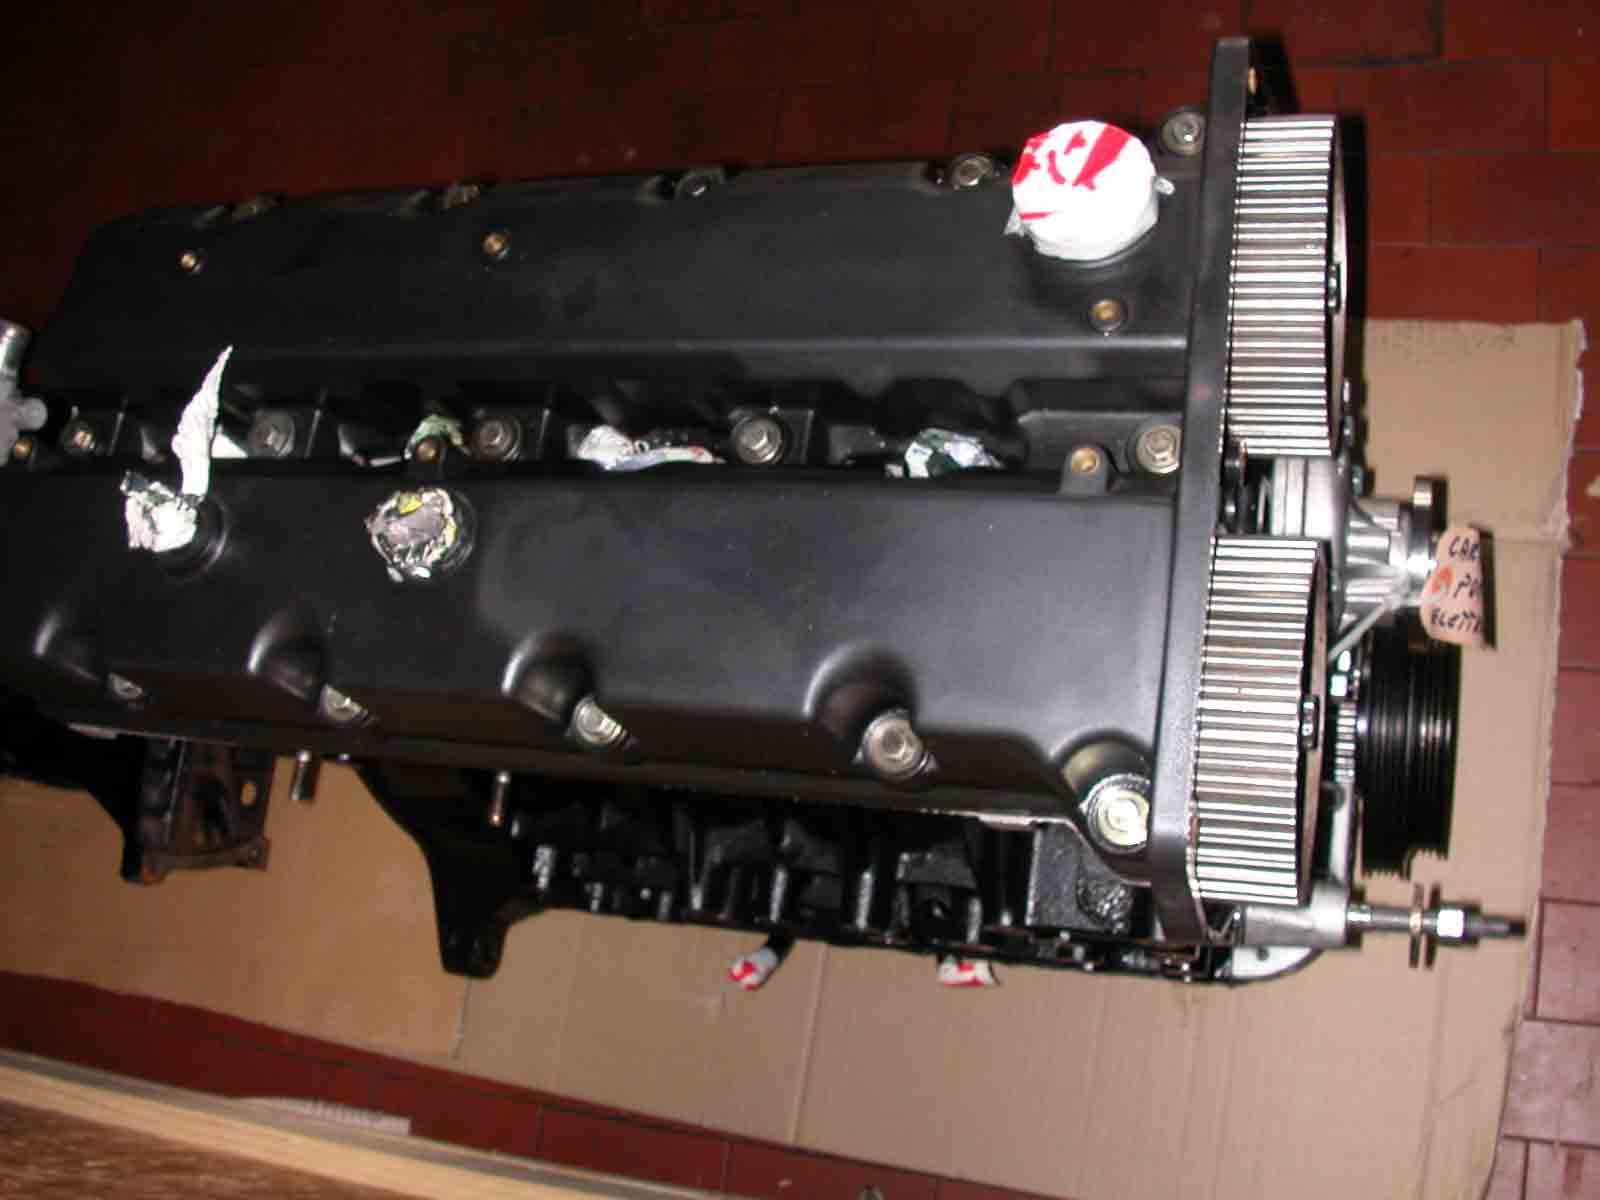 Kia 2 9 td 4 cil tipo motore j3 revisionato for Garage kia ales